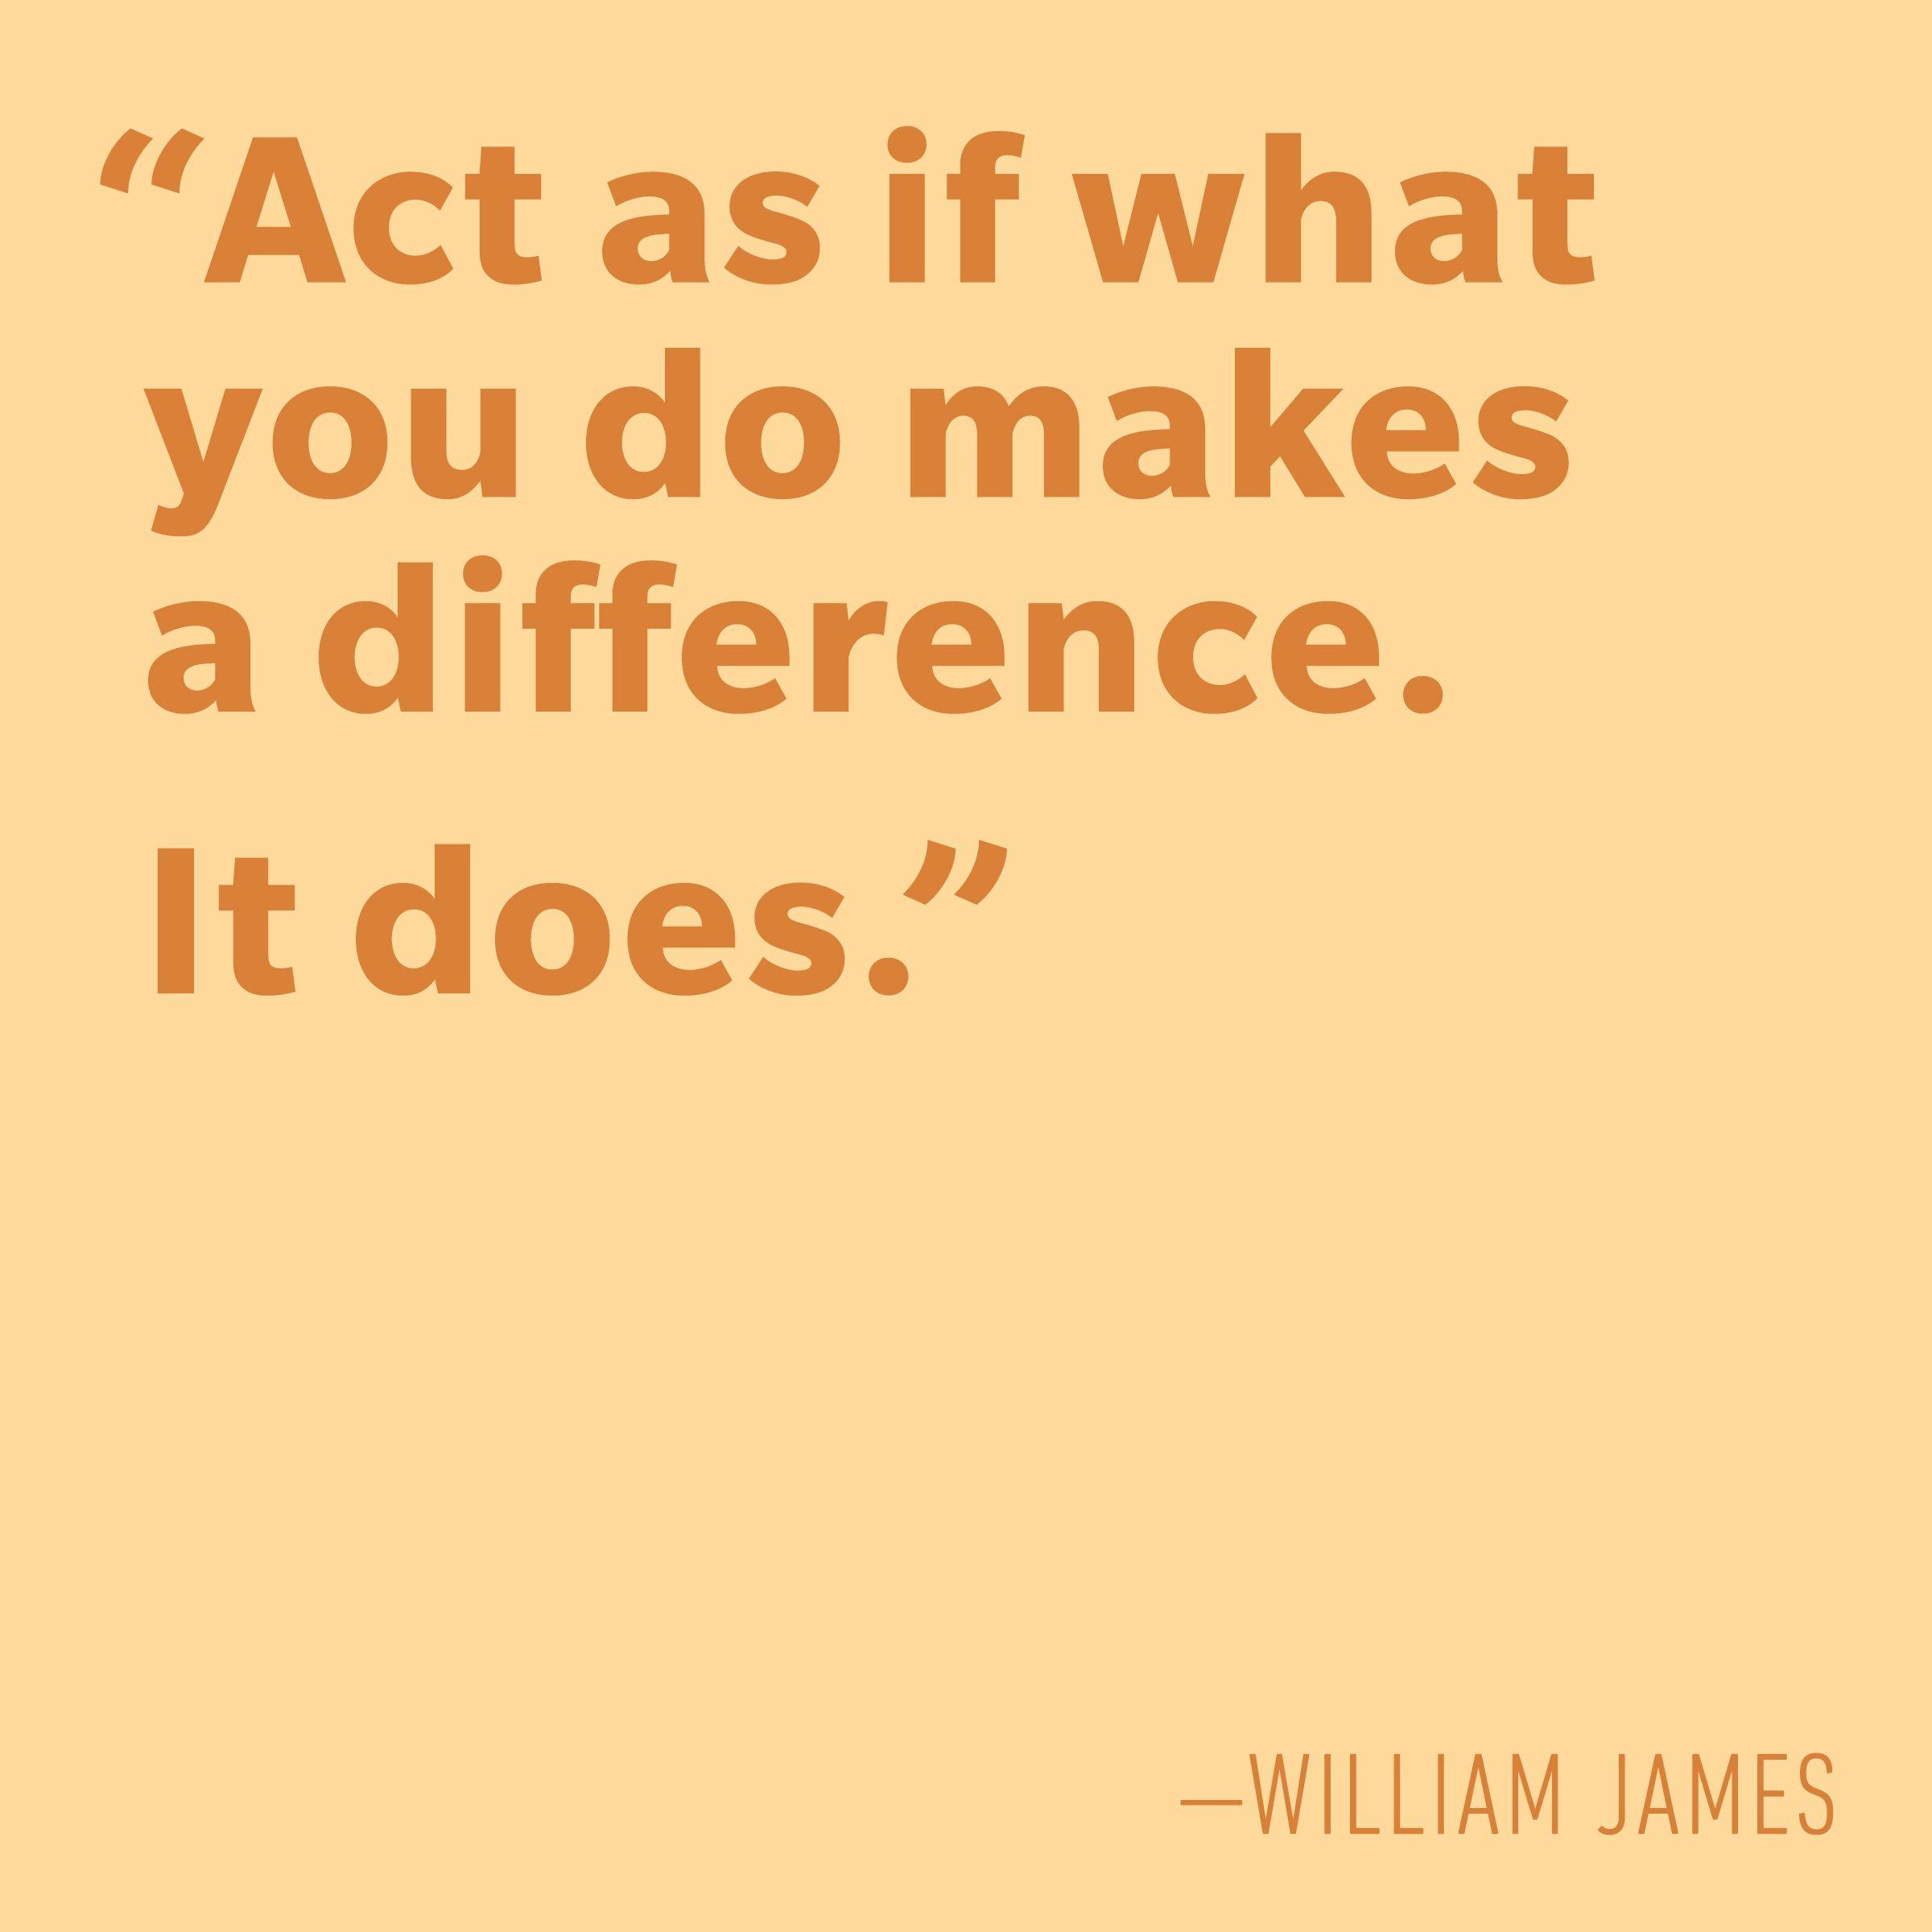 Motivational quotes - William James